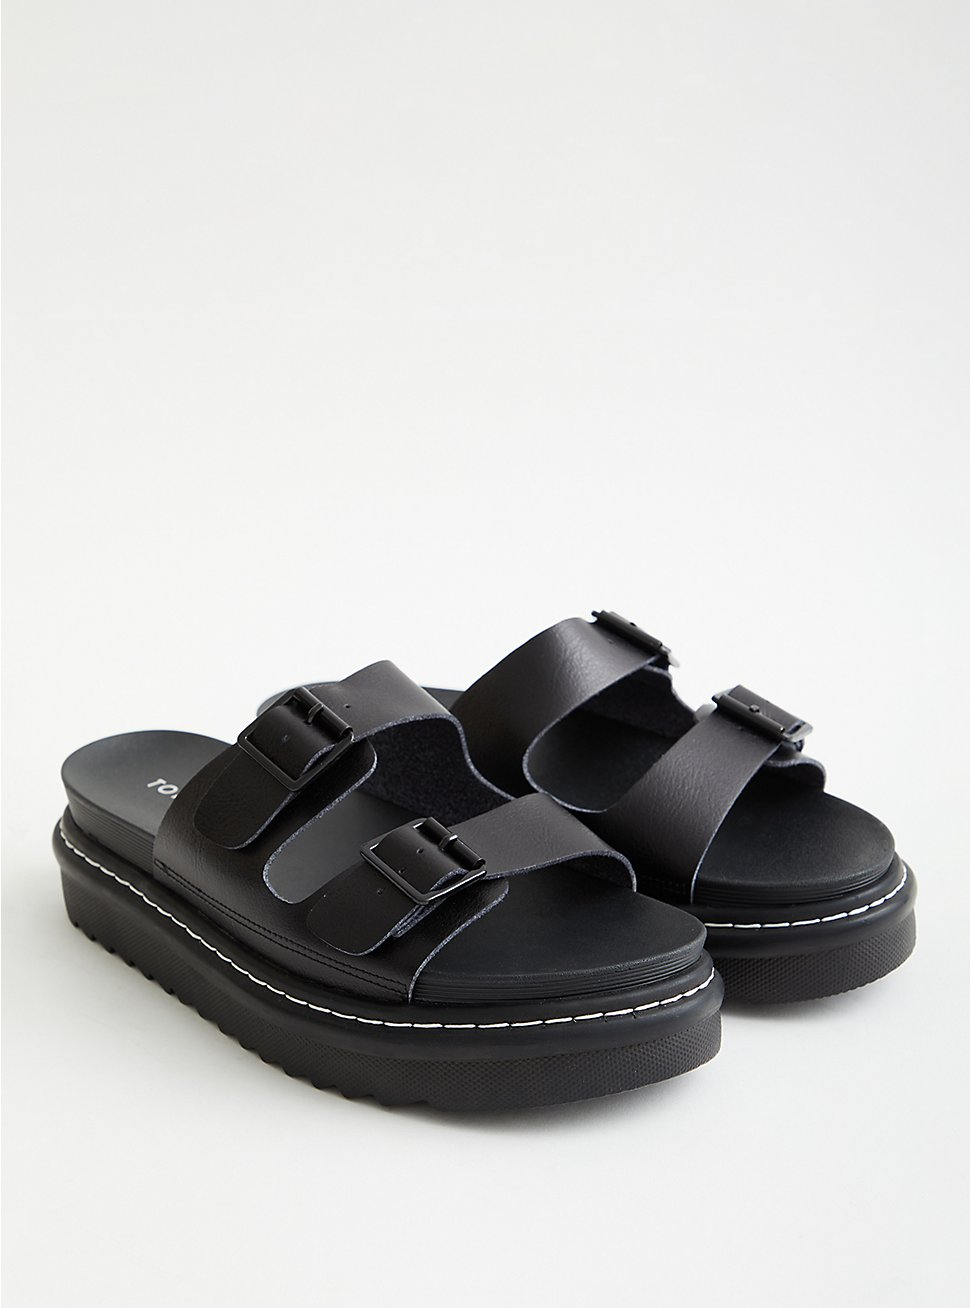 Double Buckle Flatform Sandal - Faux Leather Black (WW), BLACK, hi-res